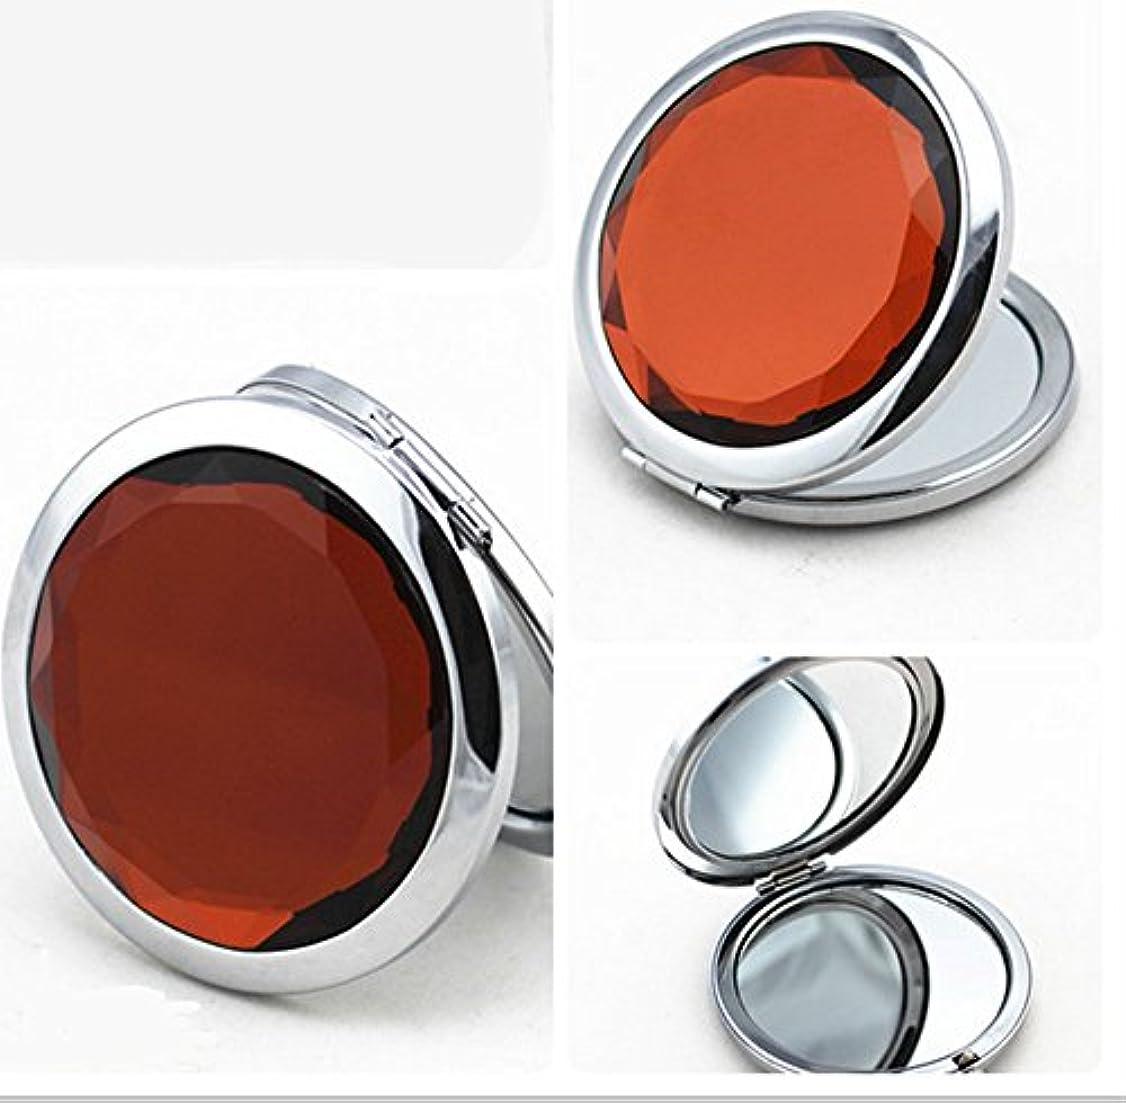 無心リル期待してSHINA 宝石飾りのコンパクトミラー クリスタル調化粧鏡拡大鏡付き 丸型の折りたたみ鏡 化粧箱入りミラー 手鏡 おしゃれの小物 (mirror-1-F)